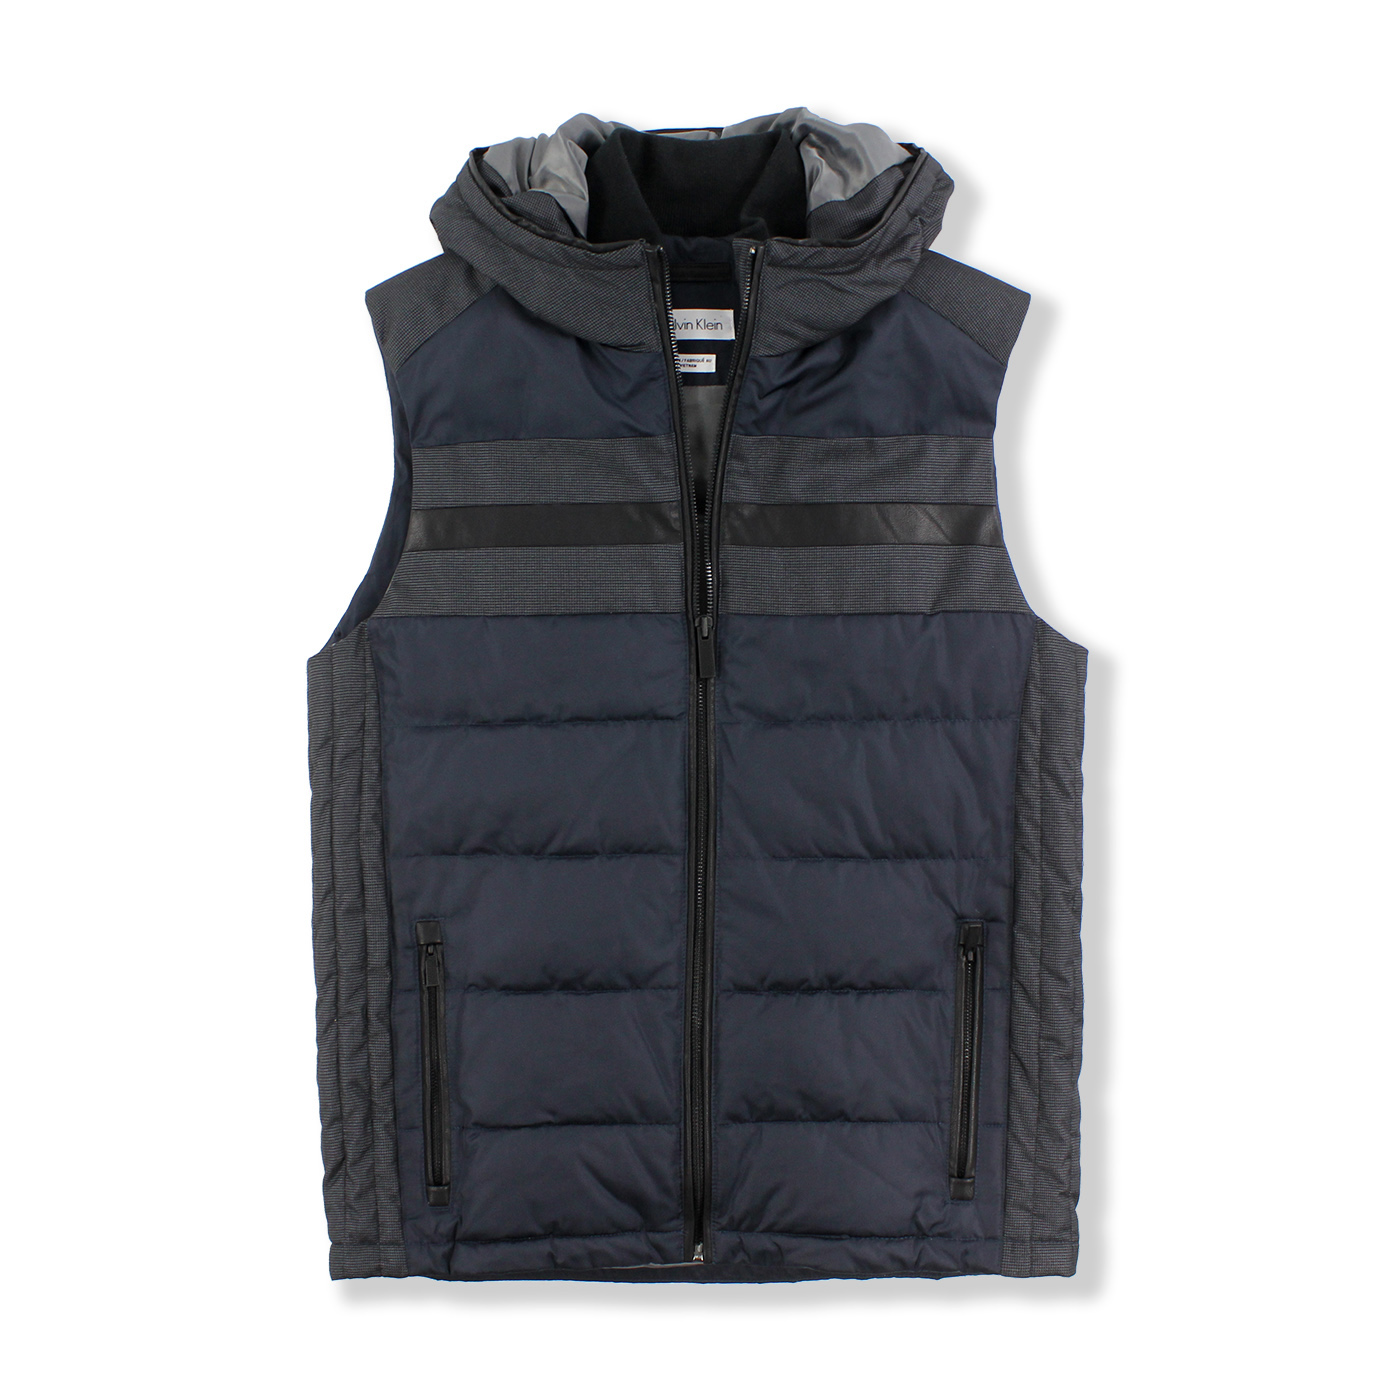 美國百分百【全新真品】Calvin Klein 背心 外套 CK 無袖 保暖 連帽 深藍 黑色 S M號 F782